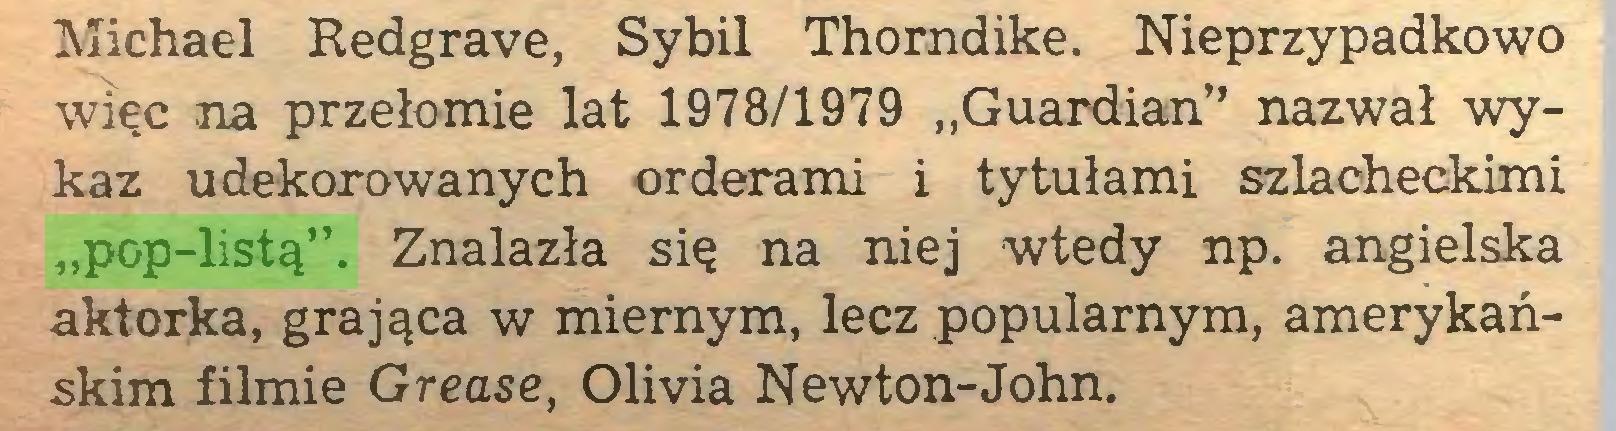 """(...) Michael Redgrave, Sybil Thorndike. Nieprzypadkowo więc na przełomie lat 1978/1979 """"Guardian"""" nazwał wykaz udekorowanych orderami i tytułami szlacheckimi """"pop-listą"""". Znalazła się na niej wtedy np. angielska aktorka, grająca w miernym, lecz popularnym, amerykańskim filmie Grease, Olivia Newton-John..."""